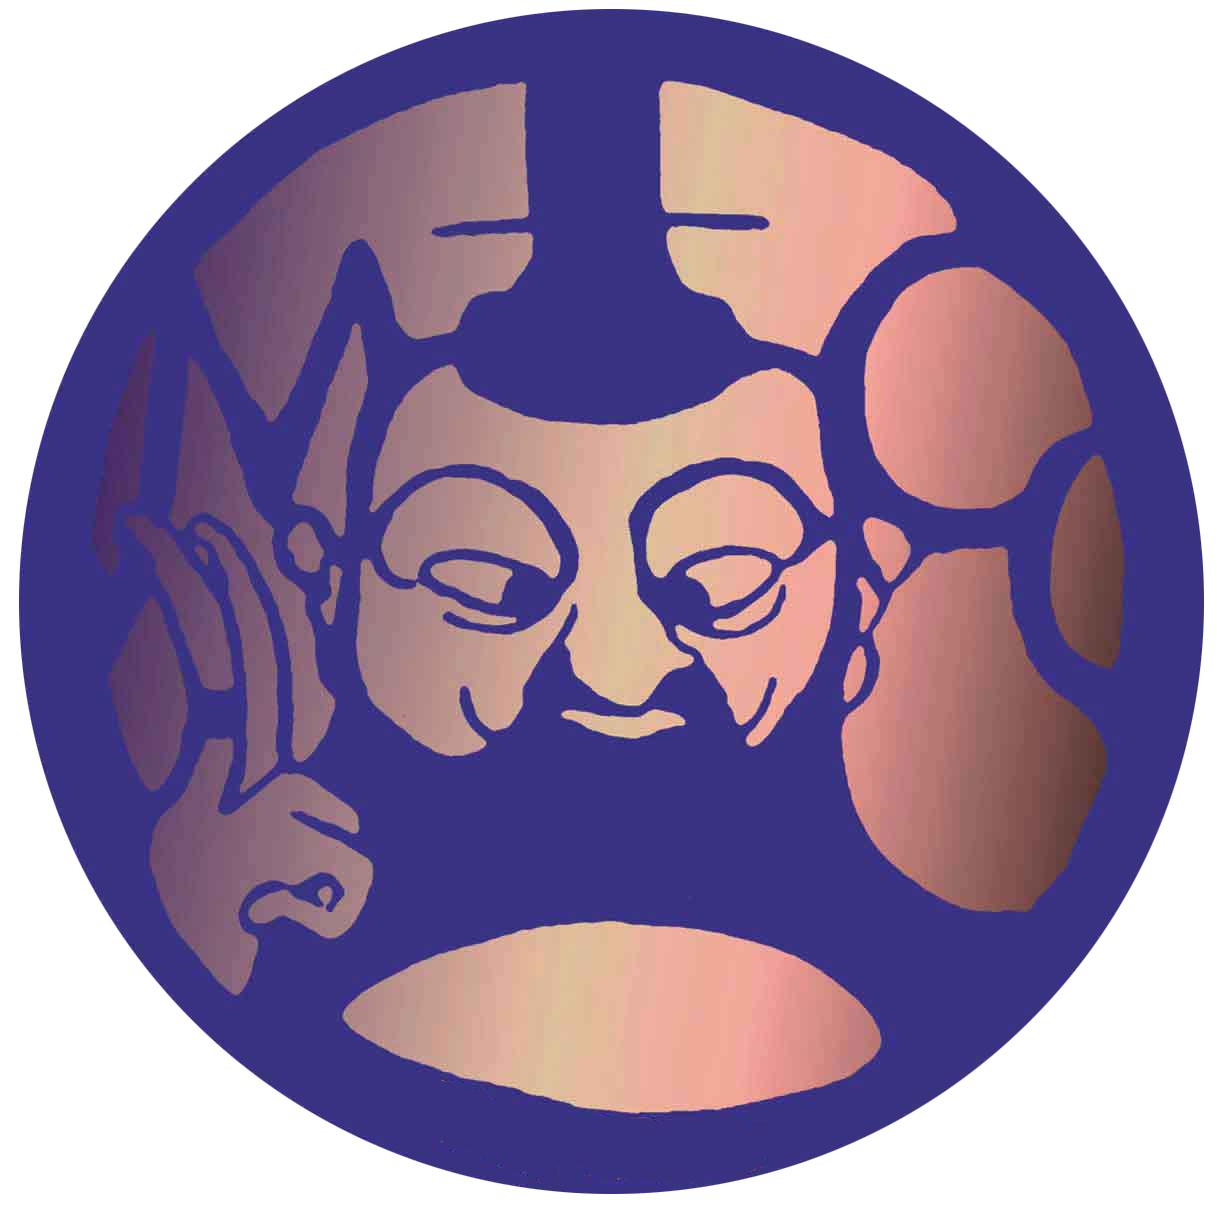 U.K.のNU DISCOの星☆RAY MANGが2年振りにKEITA SANOらを招いてオッパーラでRAY of LIGHTを開催決定!!_d0106911_16362059.jpg